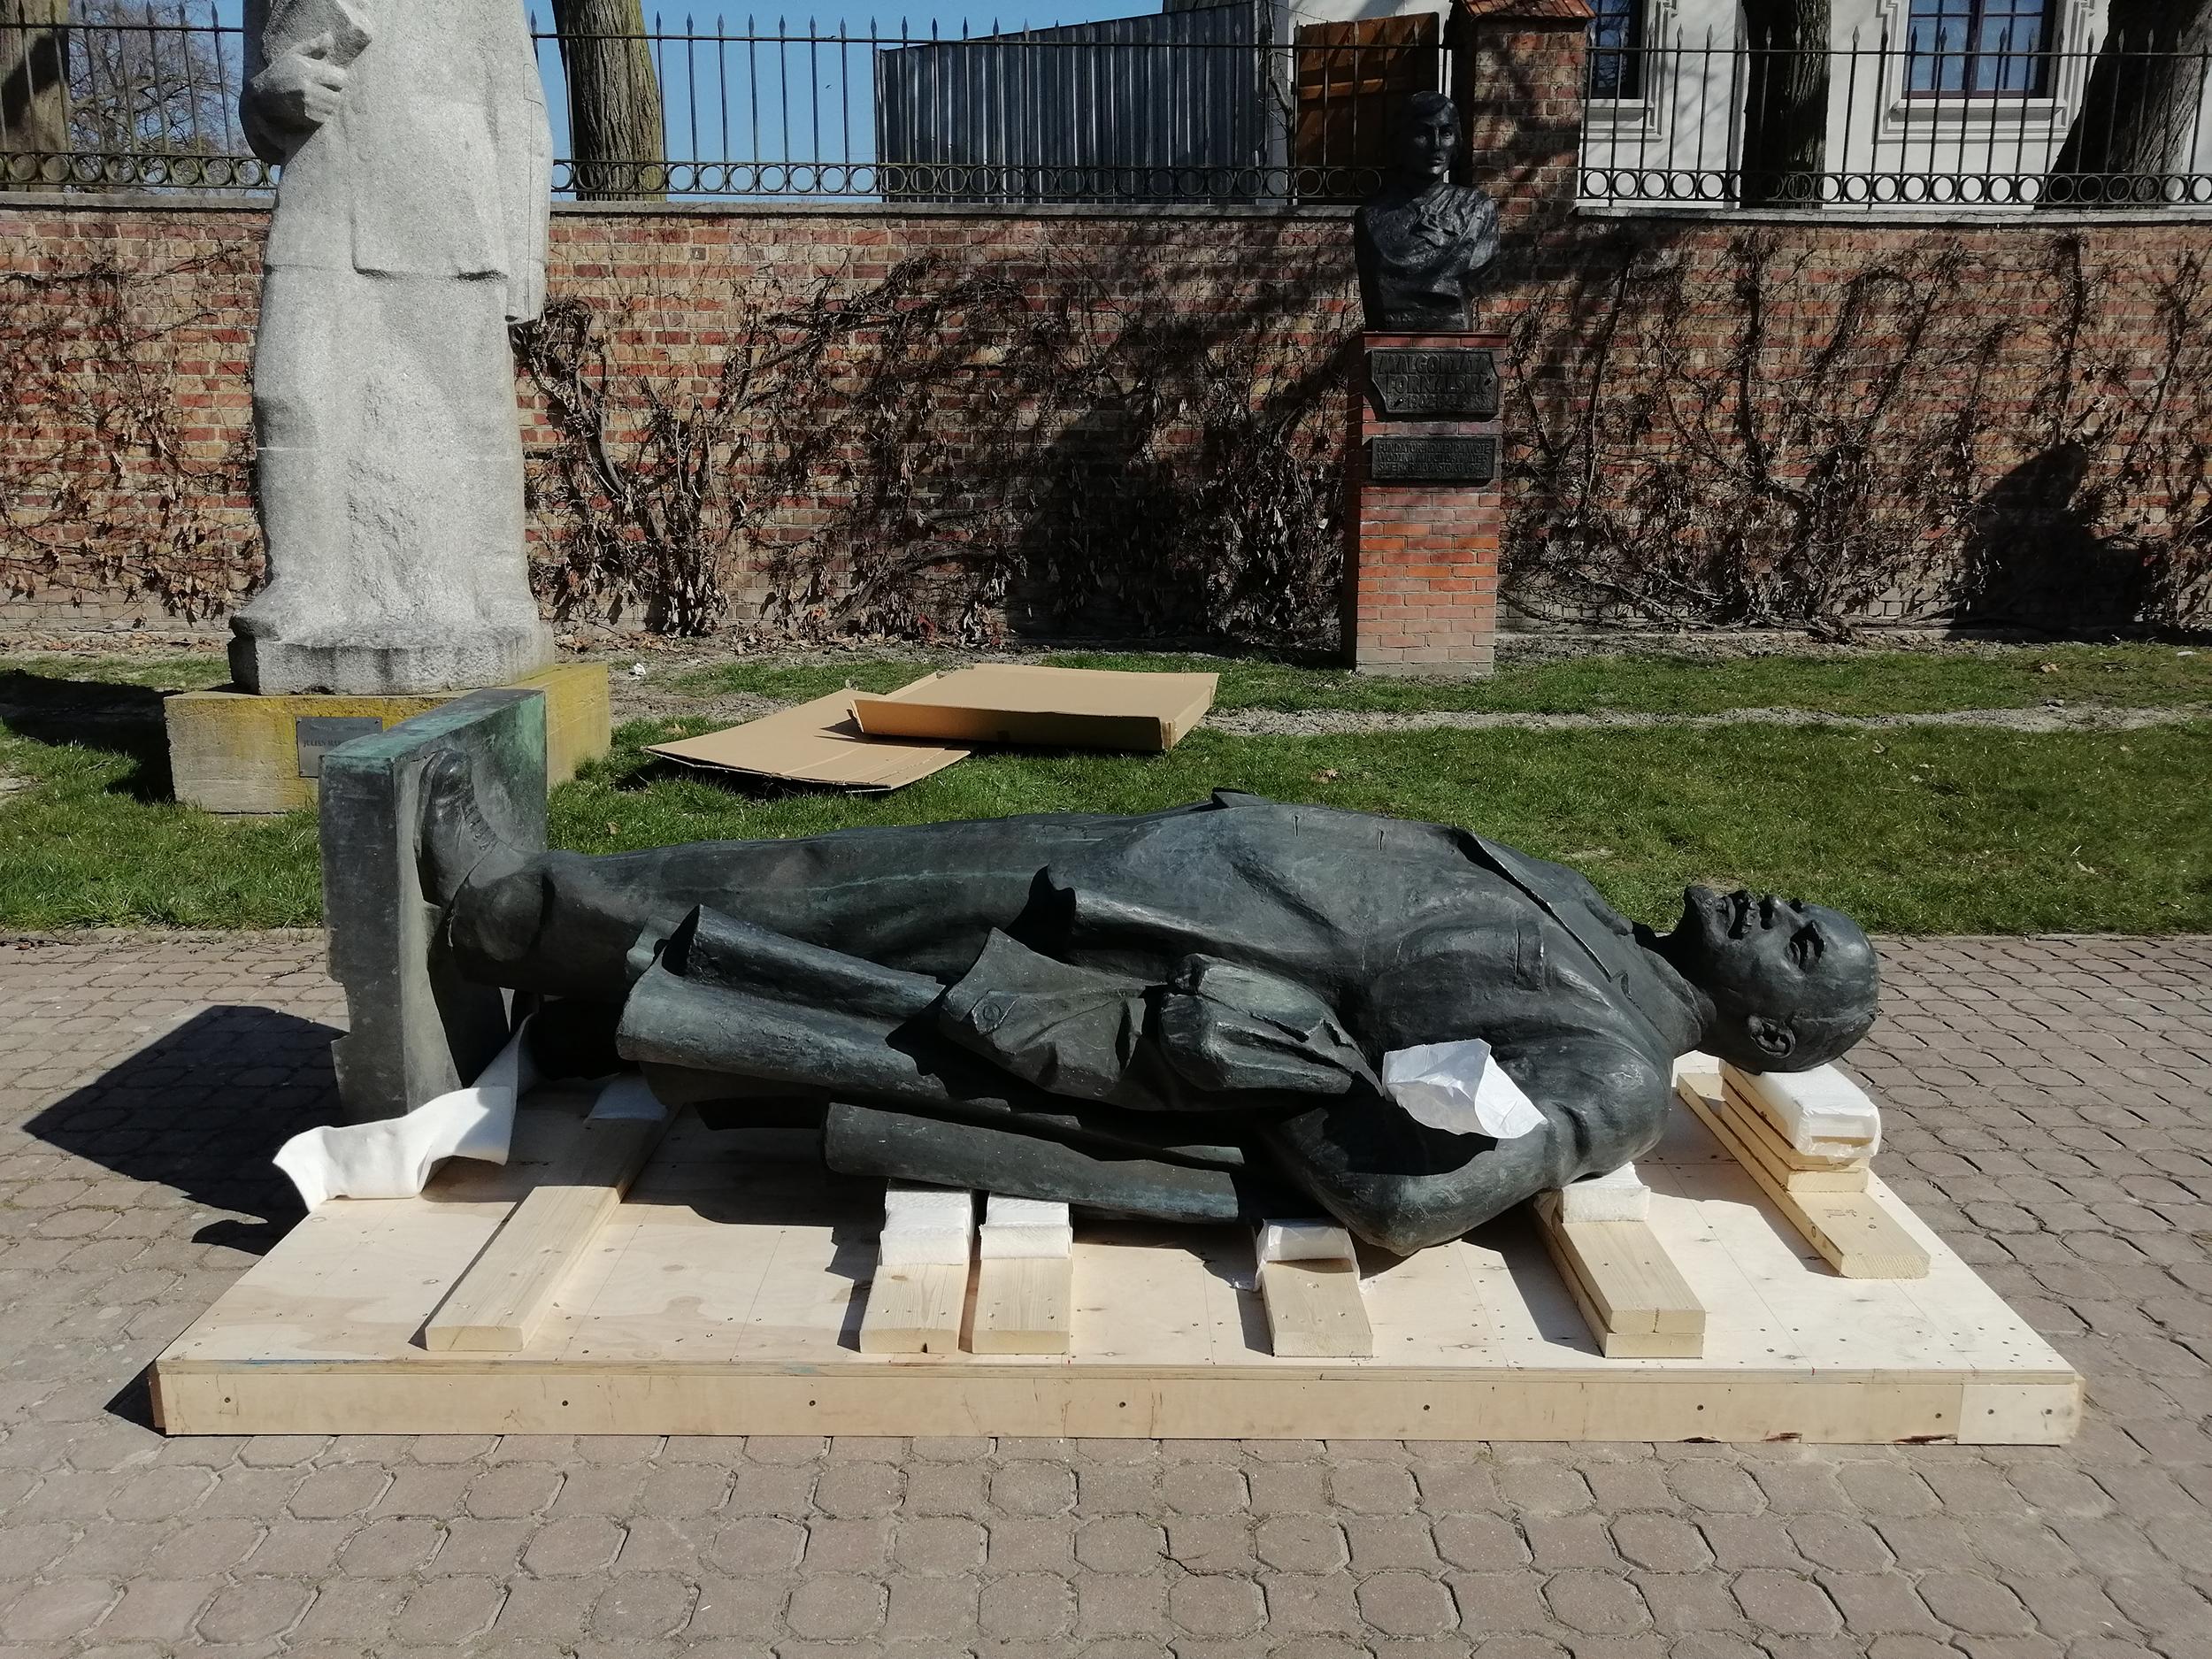 Pomnik Włodzimierza Lenina, postać całościowa. Rzeźba z brązu o wymiarach 260 x 120 x 75 cm ułożona poziomo na drewnianej podstawie.